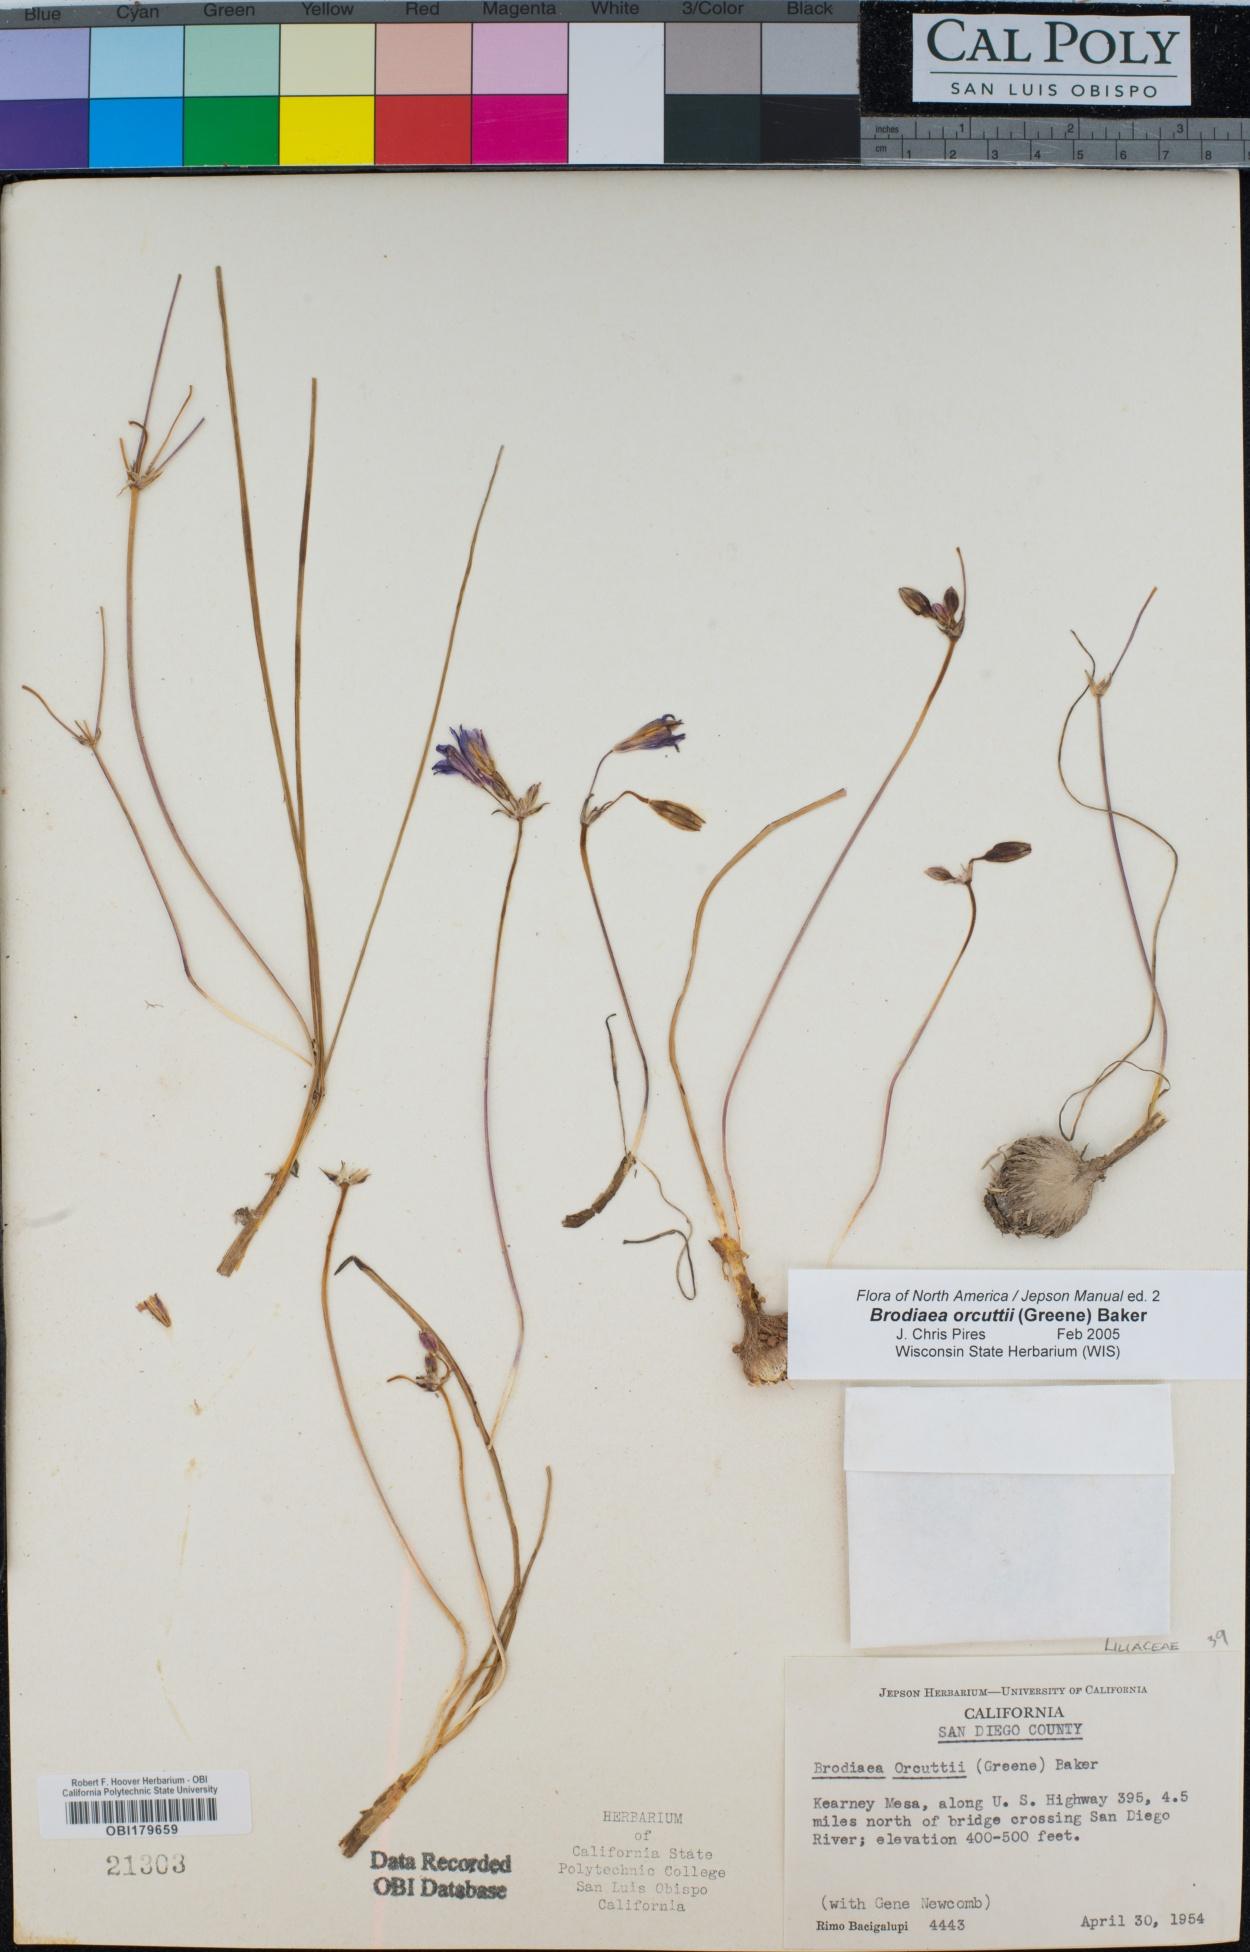 Brodiaea orcuttii image